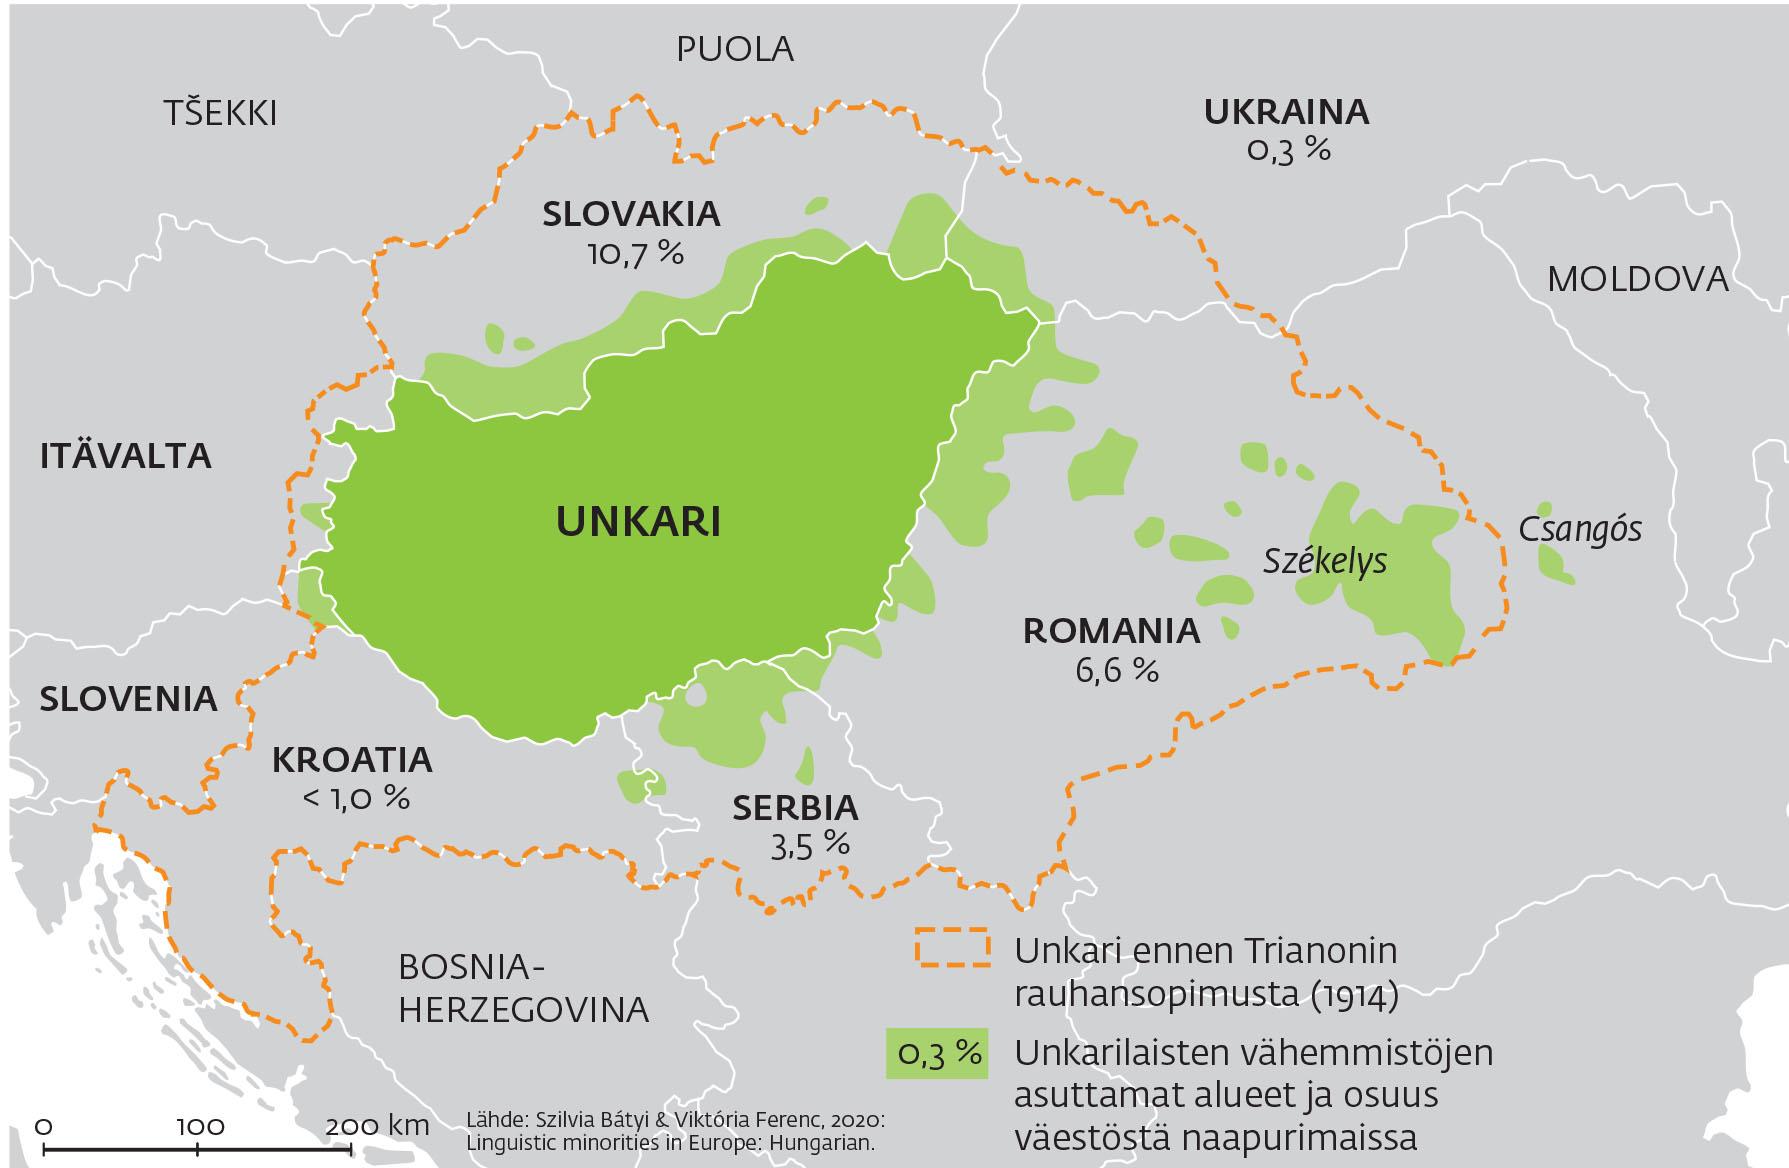 Unkarin kuningaskunnan menetetyt alueet. Kartta: Kauko Kyöstiö